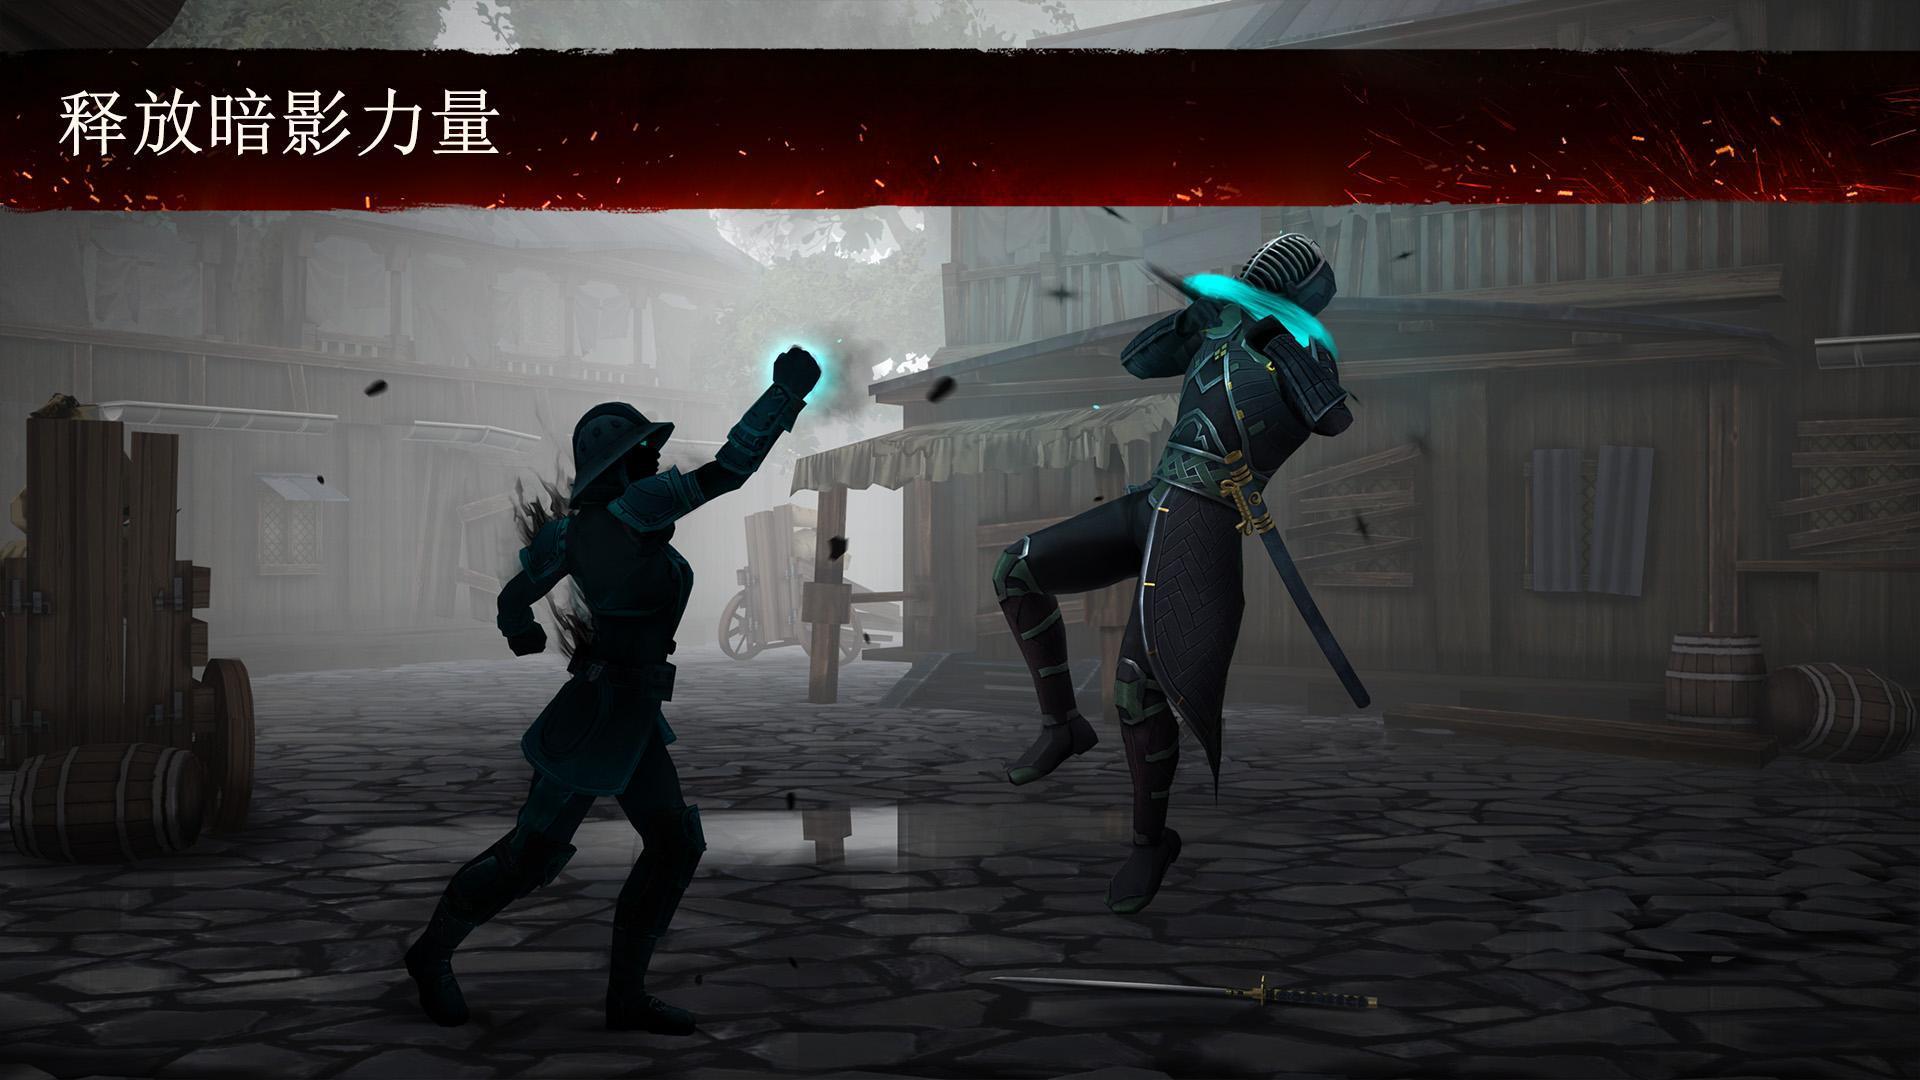 暗影格斗3双刃斧连招技巧教学 图片1